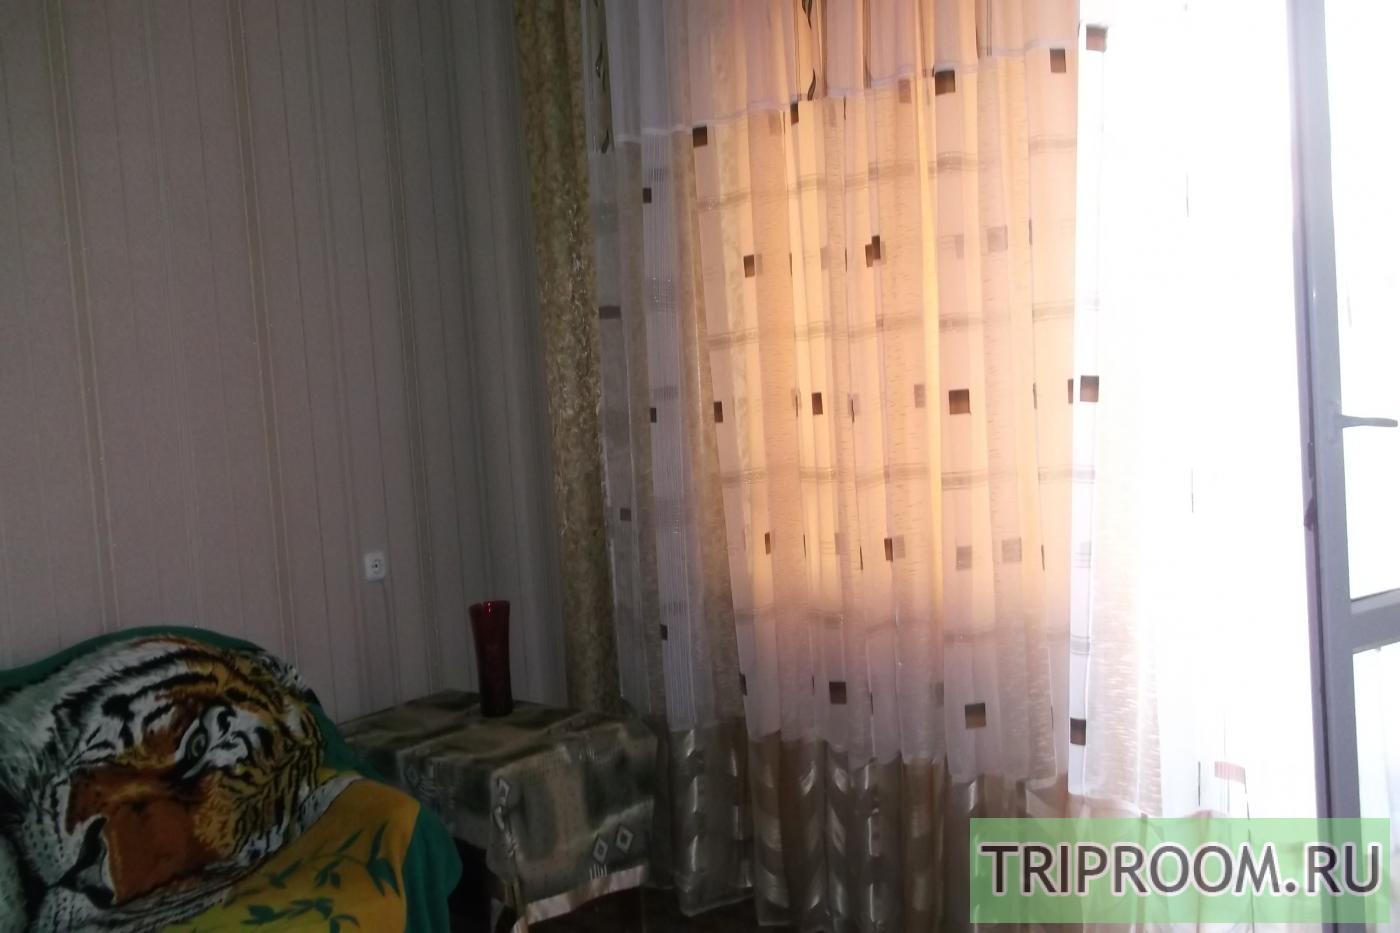 1-комнатная квартира посуточно (вариант № 10455), ул. молодогвардейцев улица, фото № 4